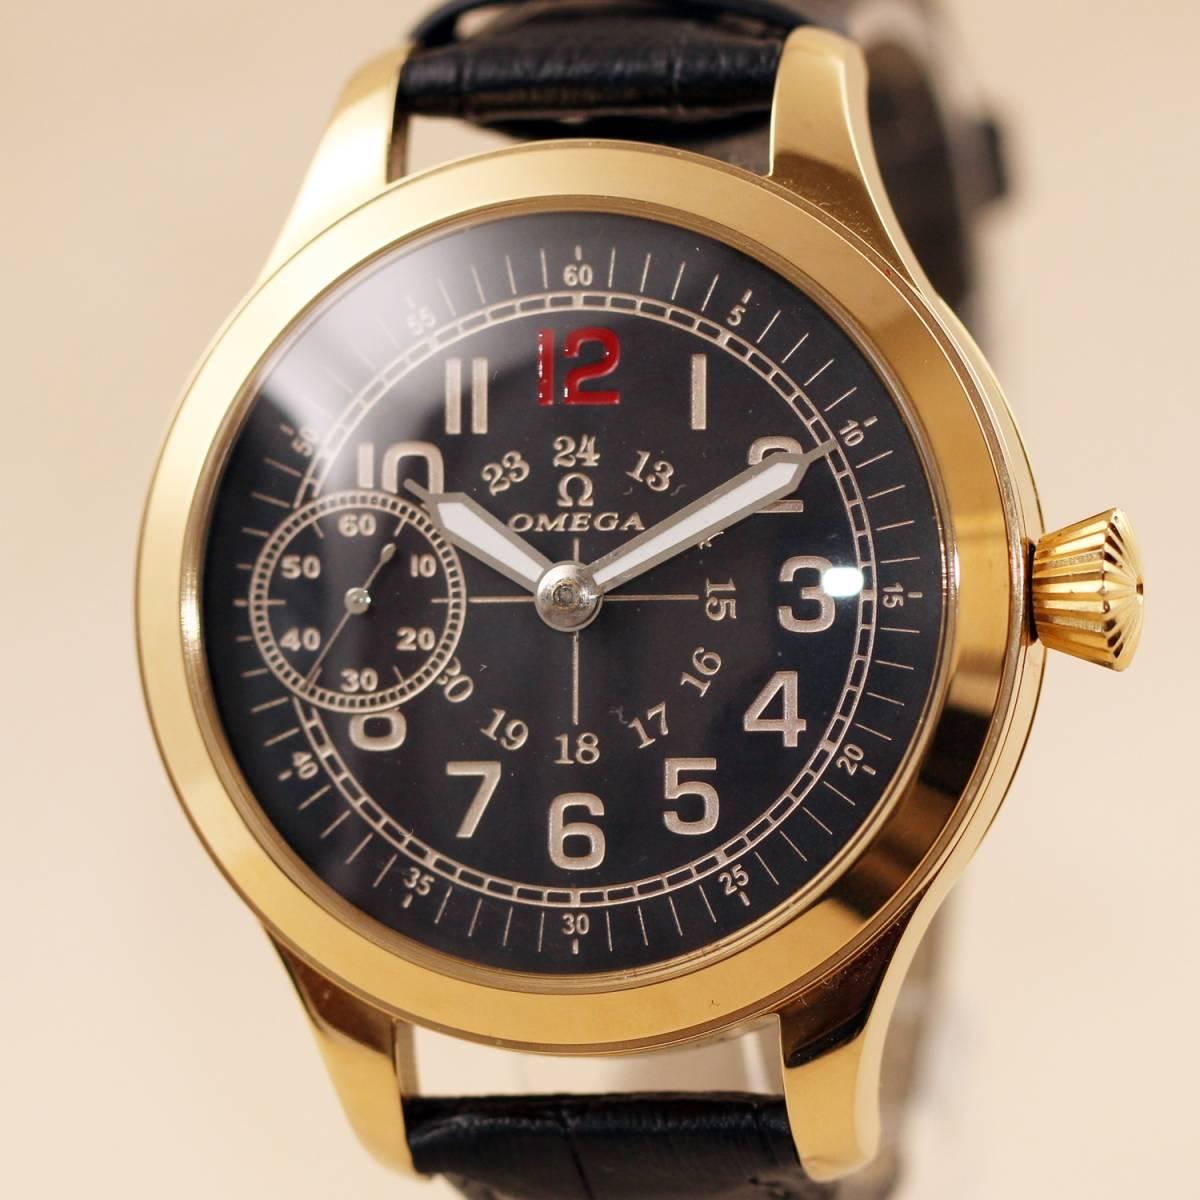 【オメガ】OMEGAミリタリー アンティーク手巻きメンズ腕時計 1910年代ヴィンテージ 懐中時計リケース裏スケルトン ビッグフェイス